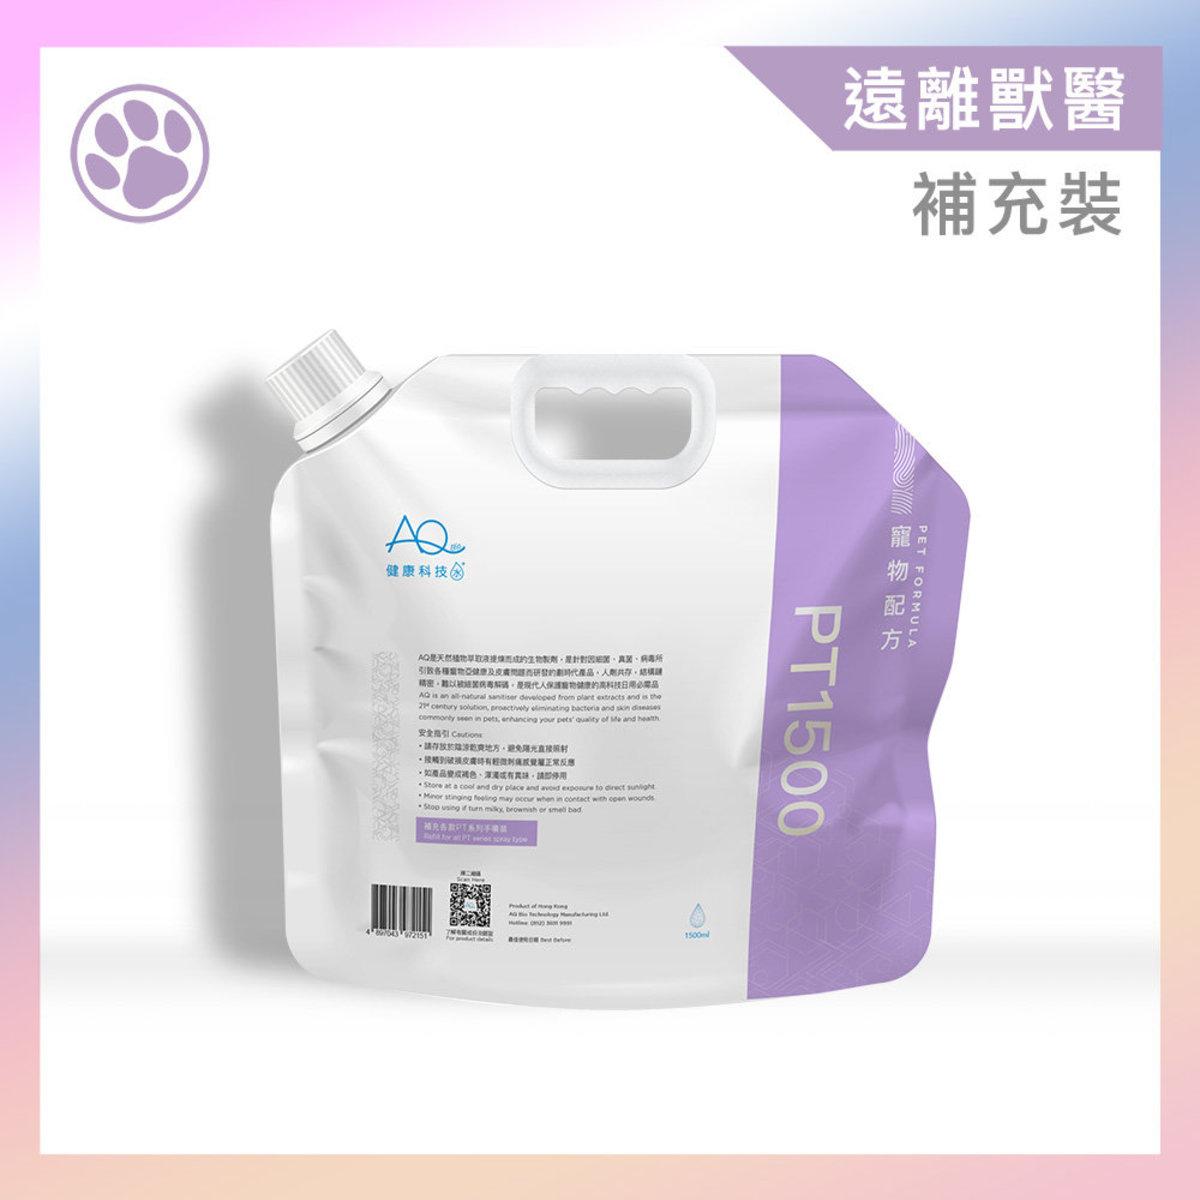 PT1500 Pet Formula 1500ml (Refill)